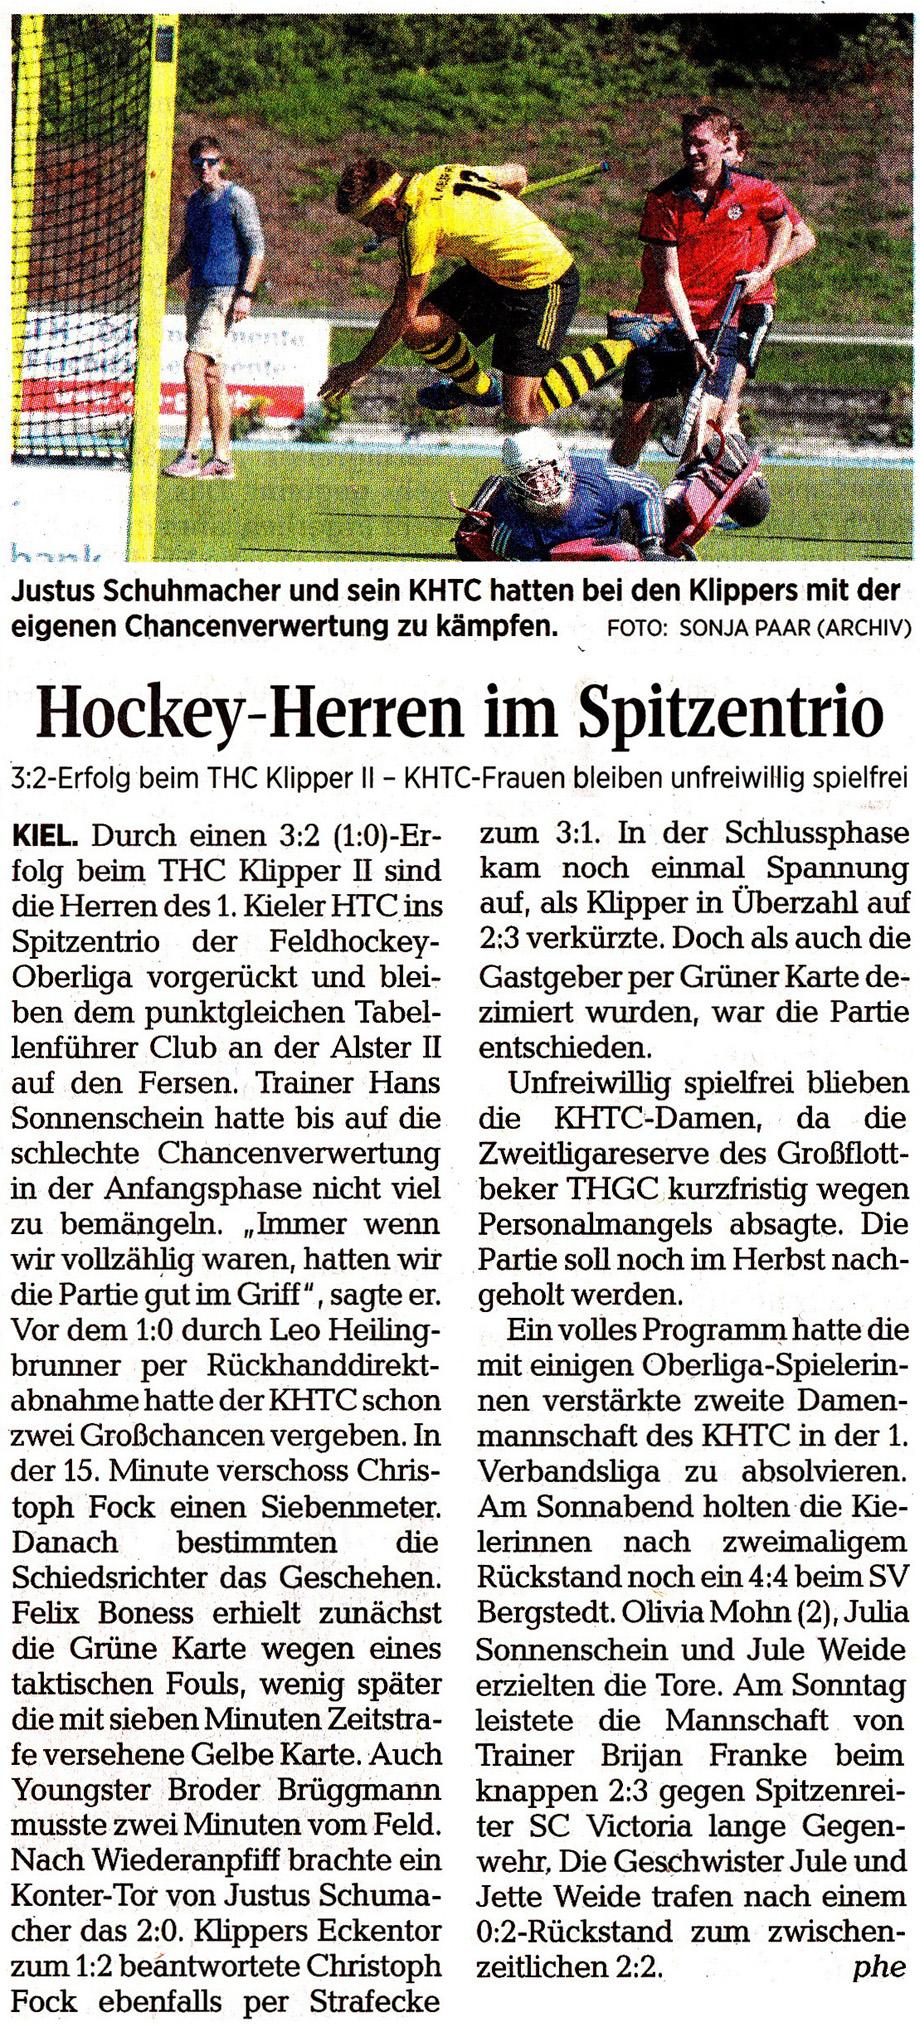 2018_09_19 KN Hockey